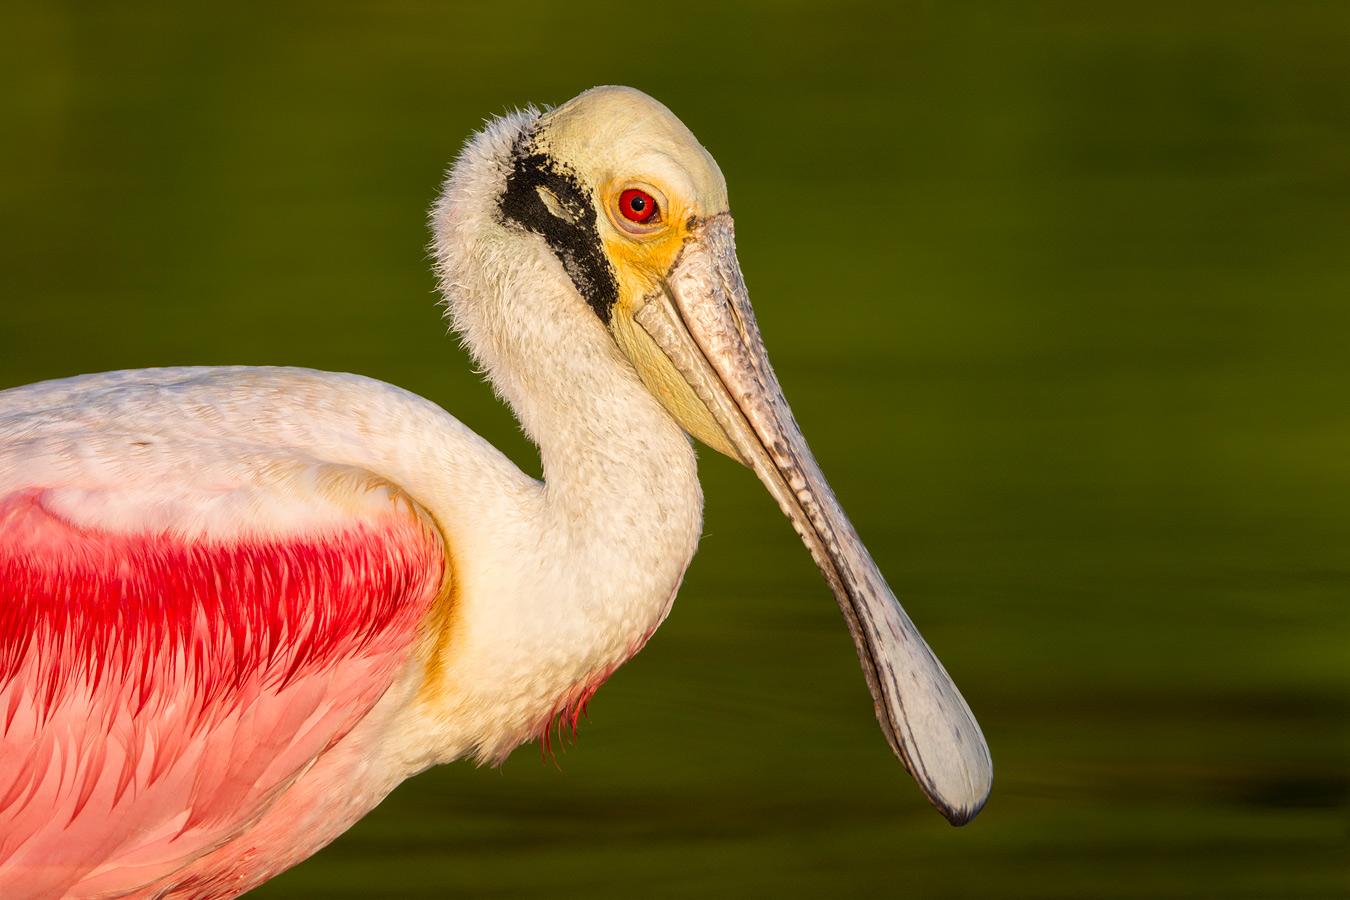 https://i2.wp.com/www.birdsasart-blog.com/baa/wp-content/gallery/contest/v572vymzdudojyweoxdqzdqmyqsjdevdyjessob5zzy2dexyesqvqe5vyz5v2y7qddoybr7x.jpg